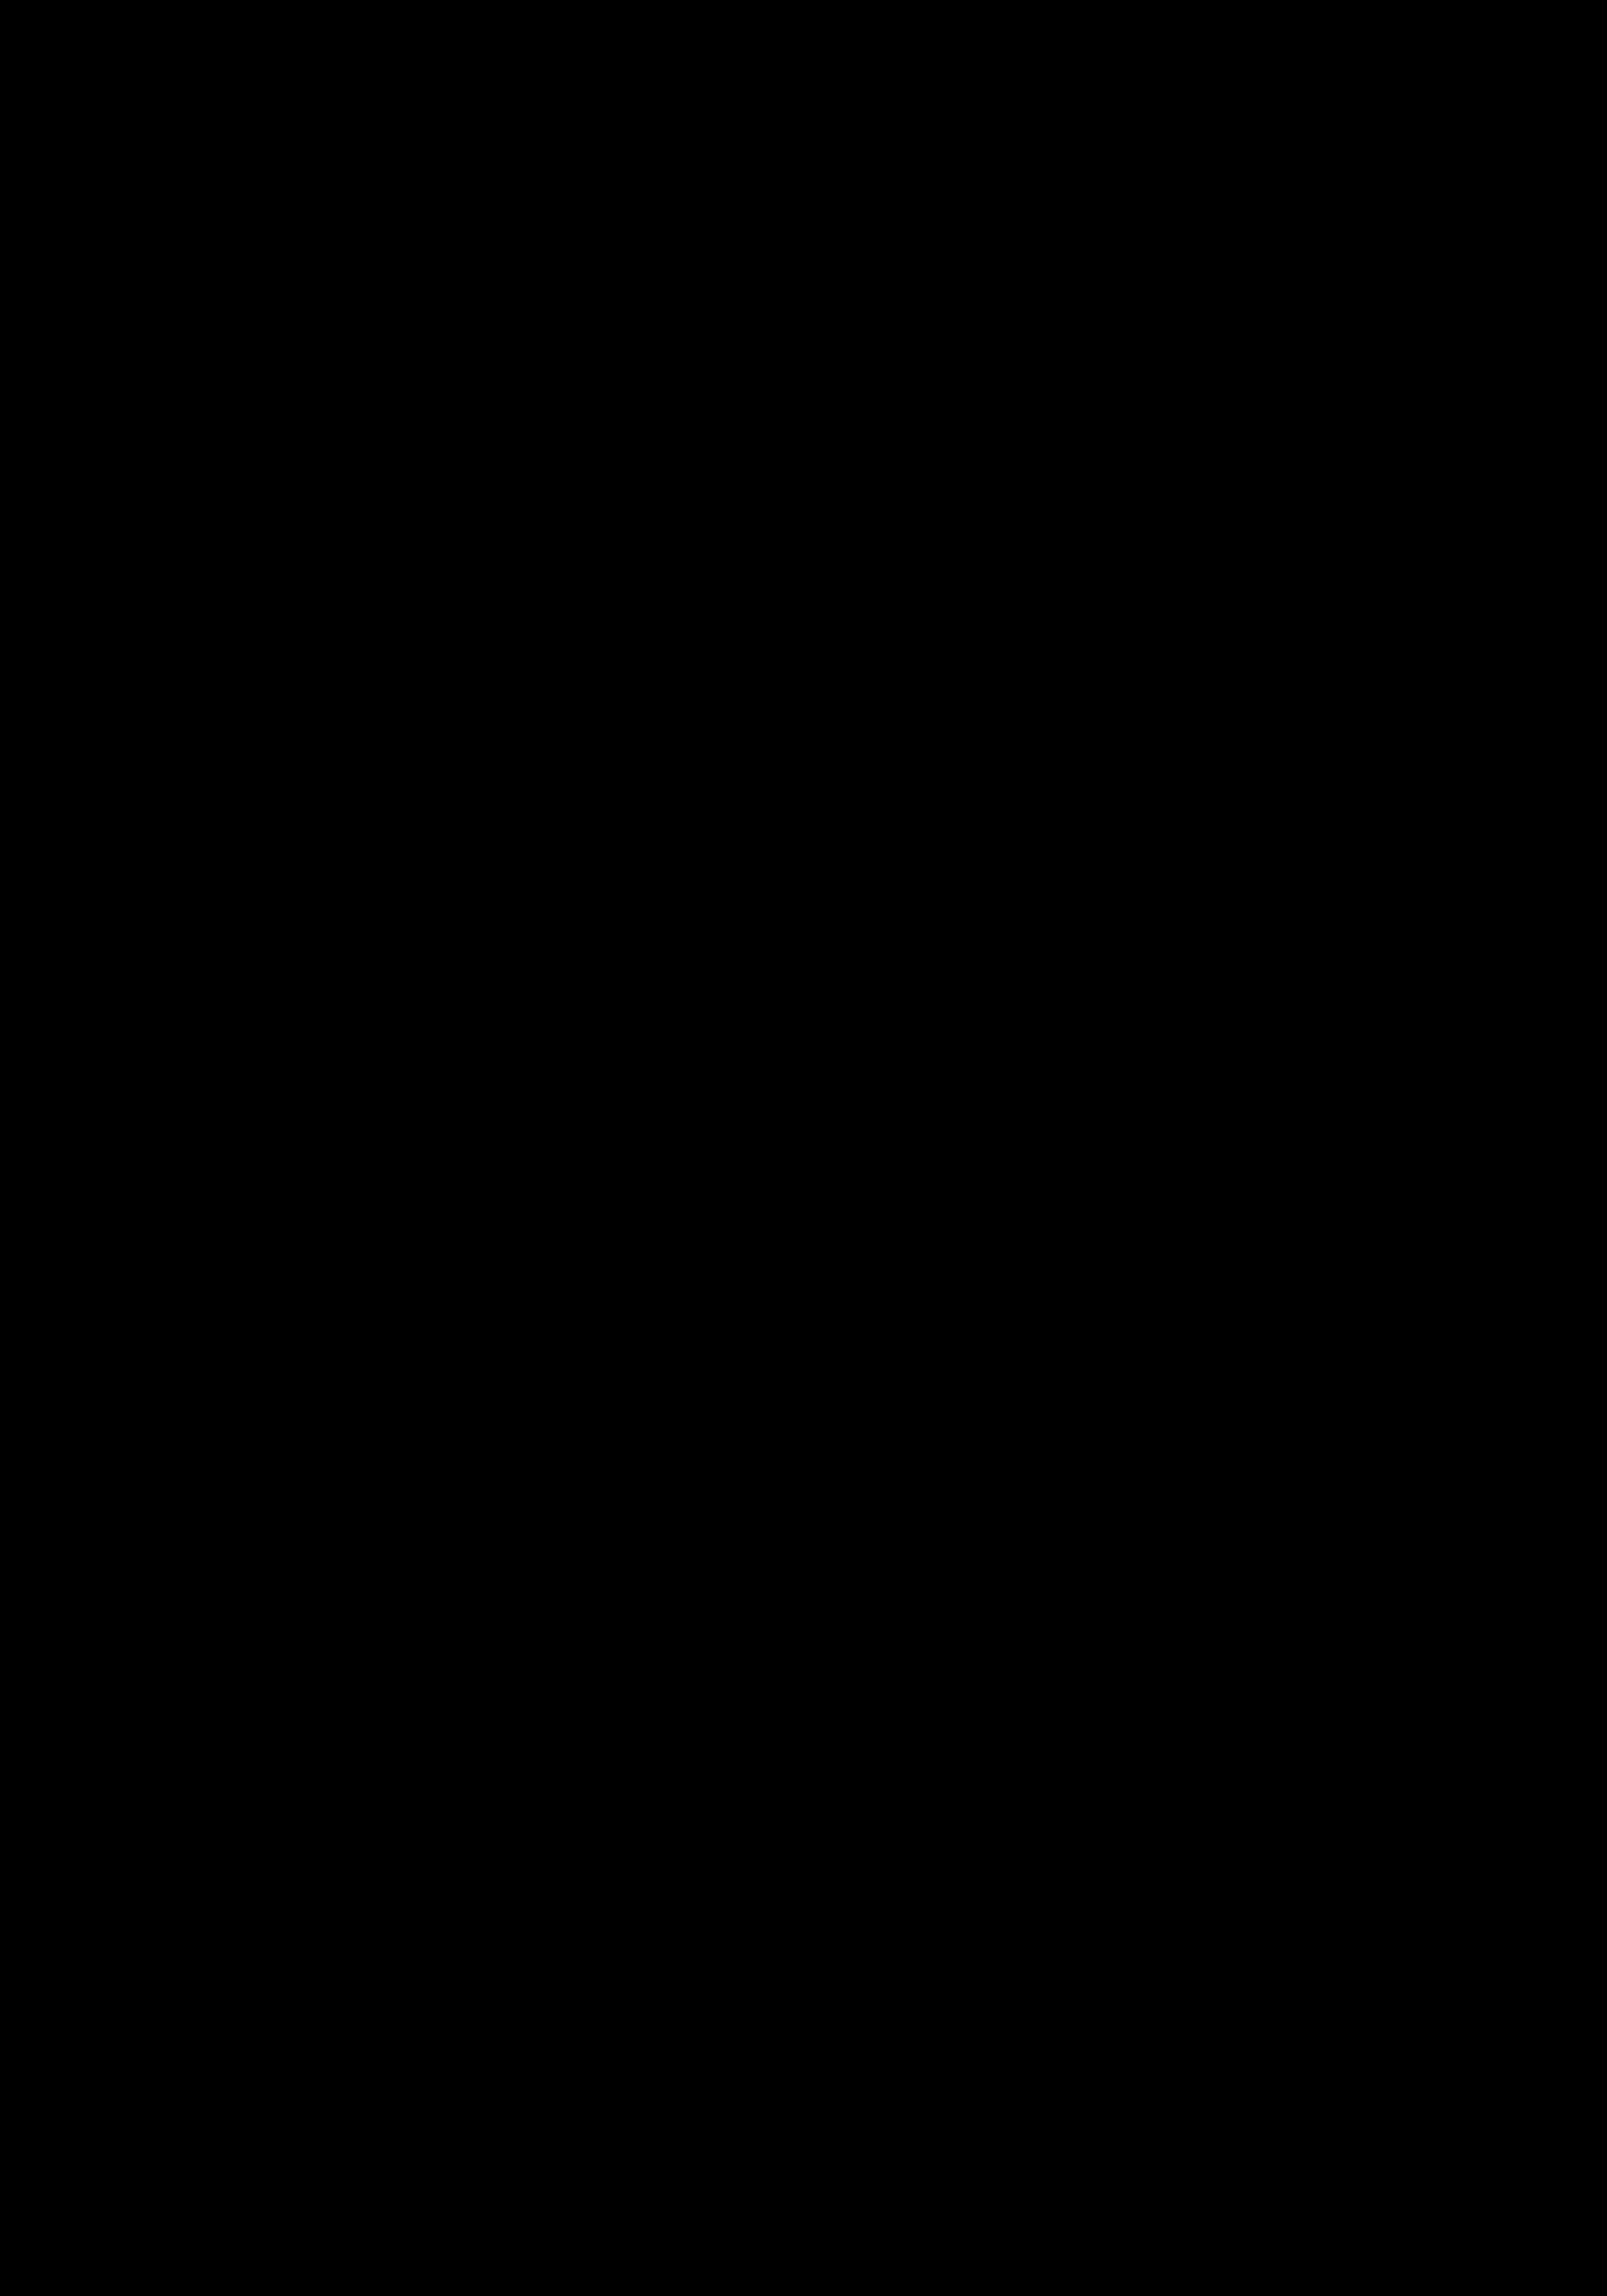 castelli in africa 2013